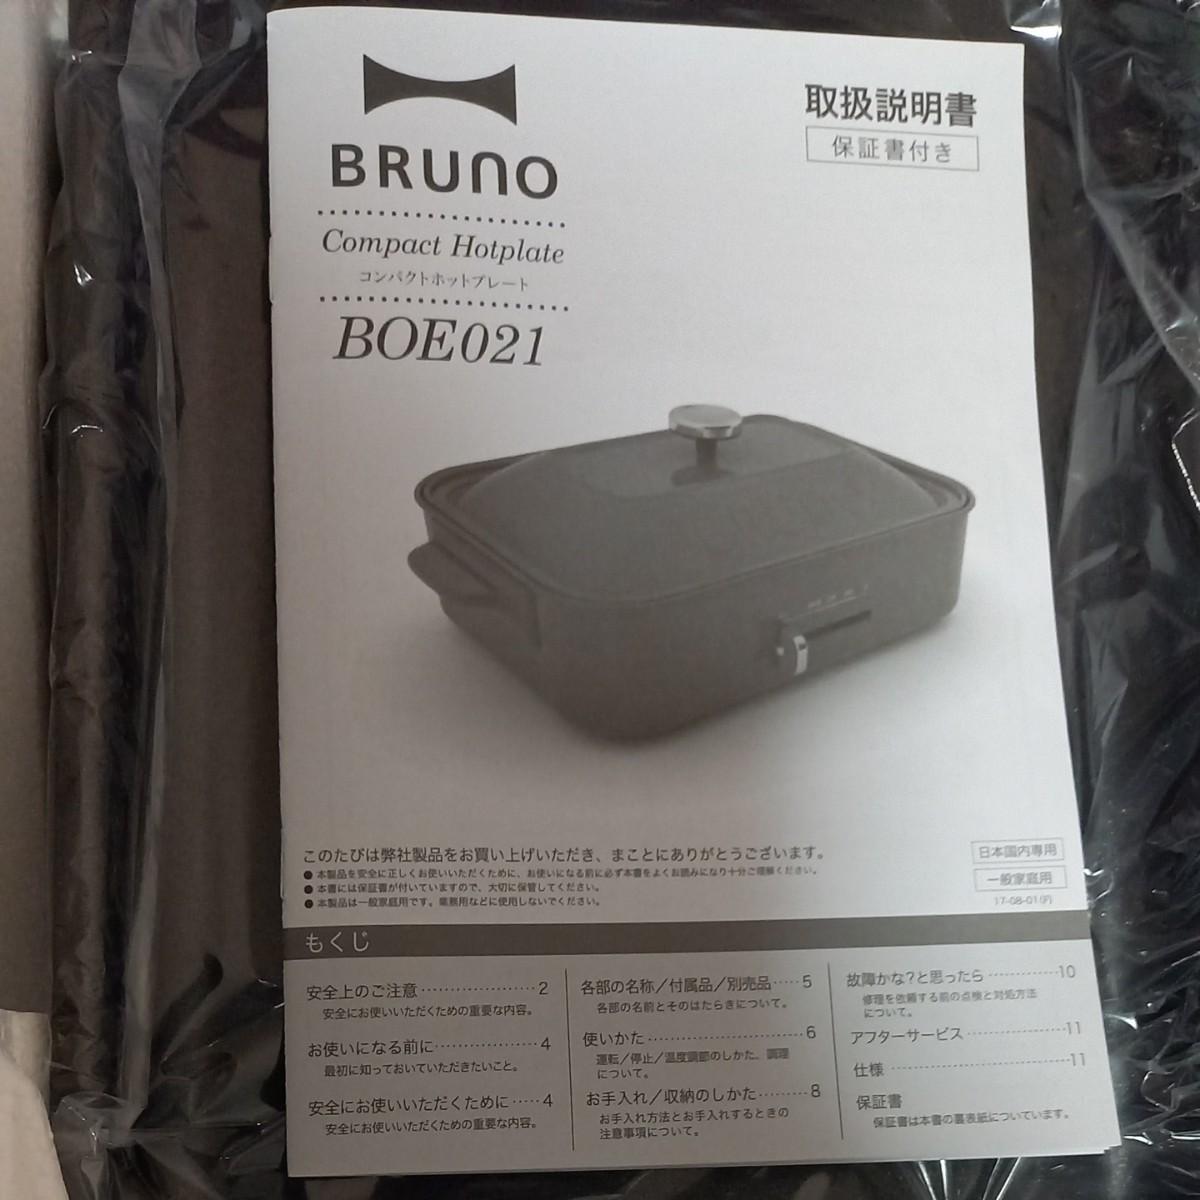 ブルーノコンパクトホットプレート BRUNO レッド